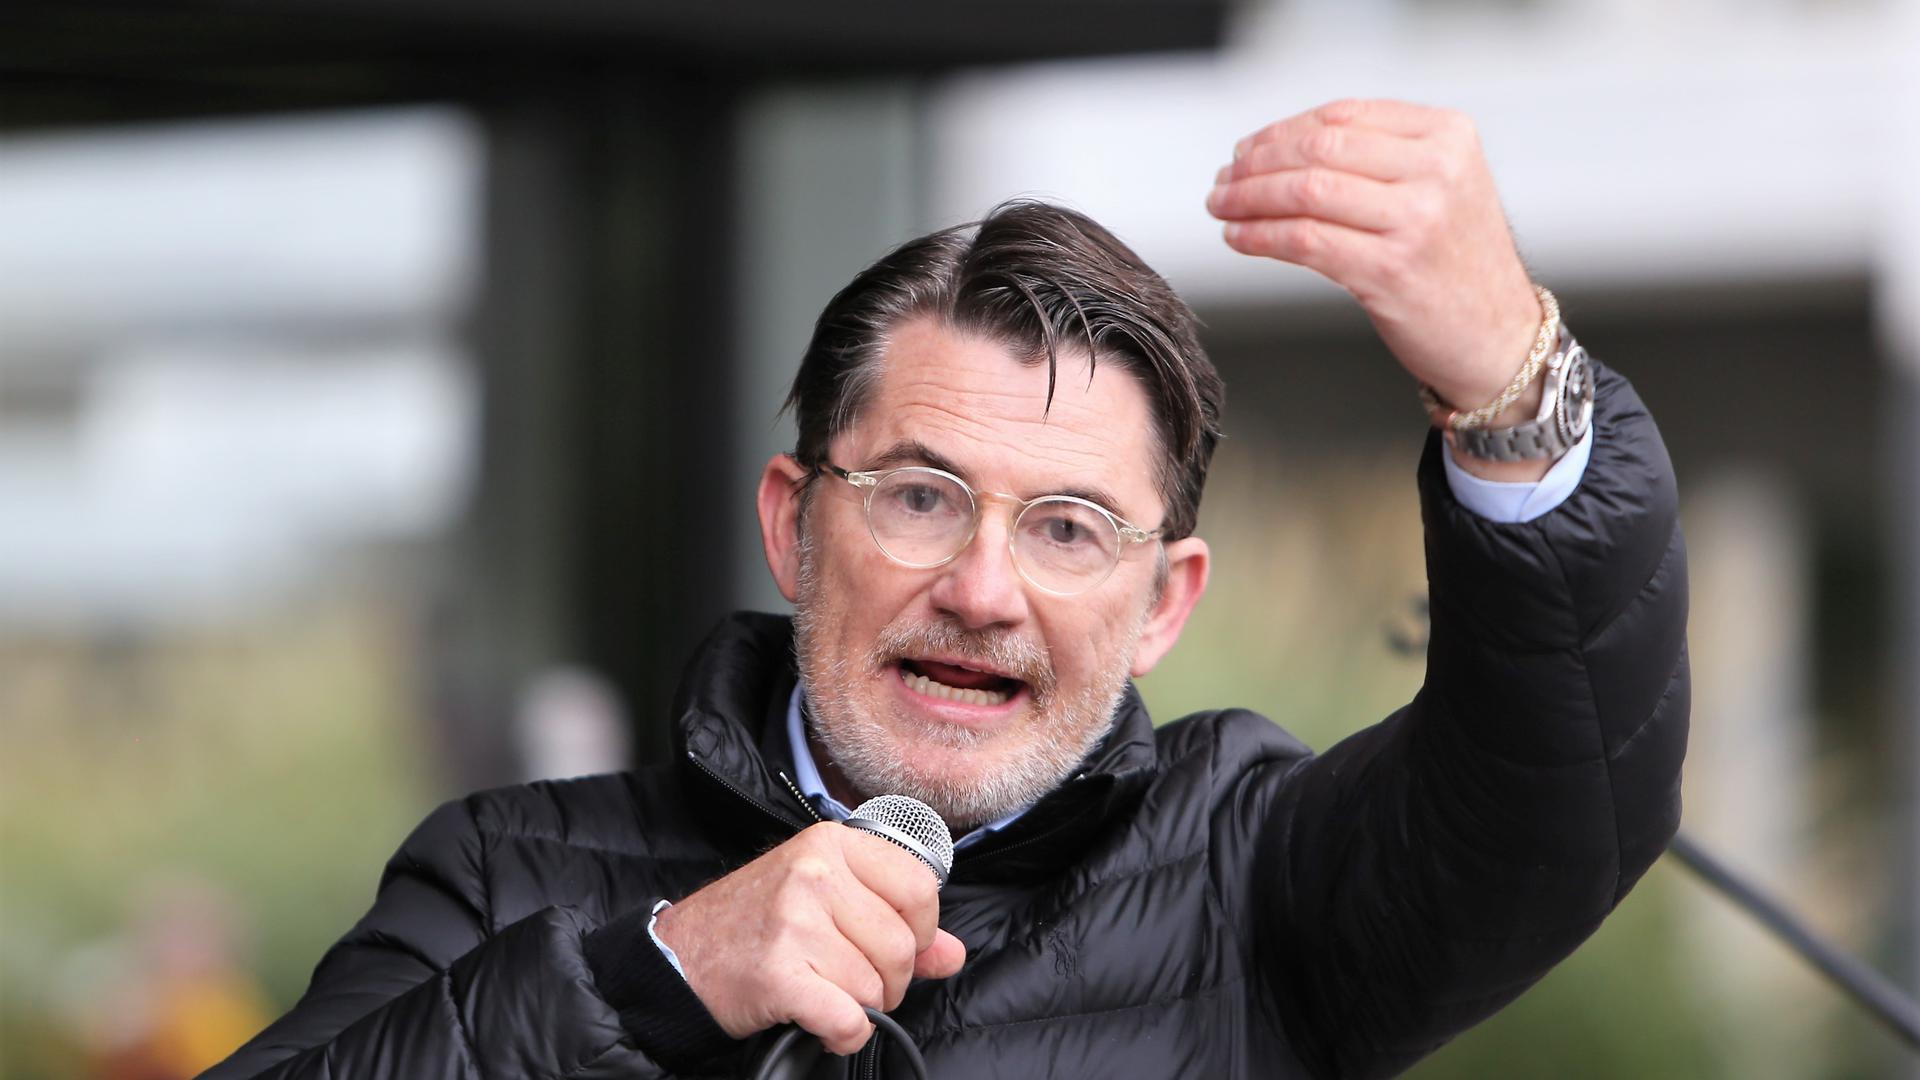 Stargast bei den Grundgesetz-Schützern: Arzt und Querdenken-Aktivist Guido Hofmann hält eine Rede bei der Corona-Demonstration am Samstag vor dem Neuen Rathaus in Pforzheim.